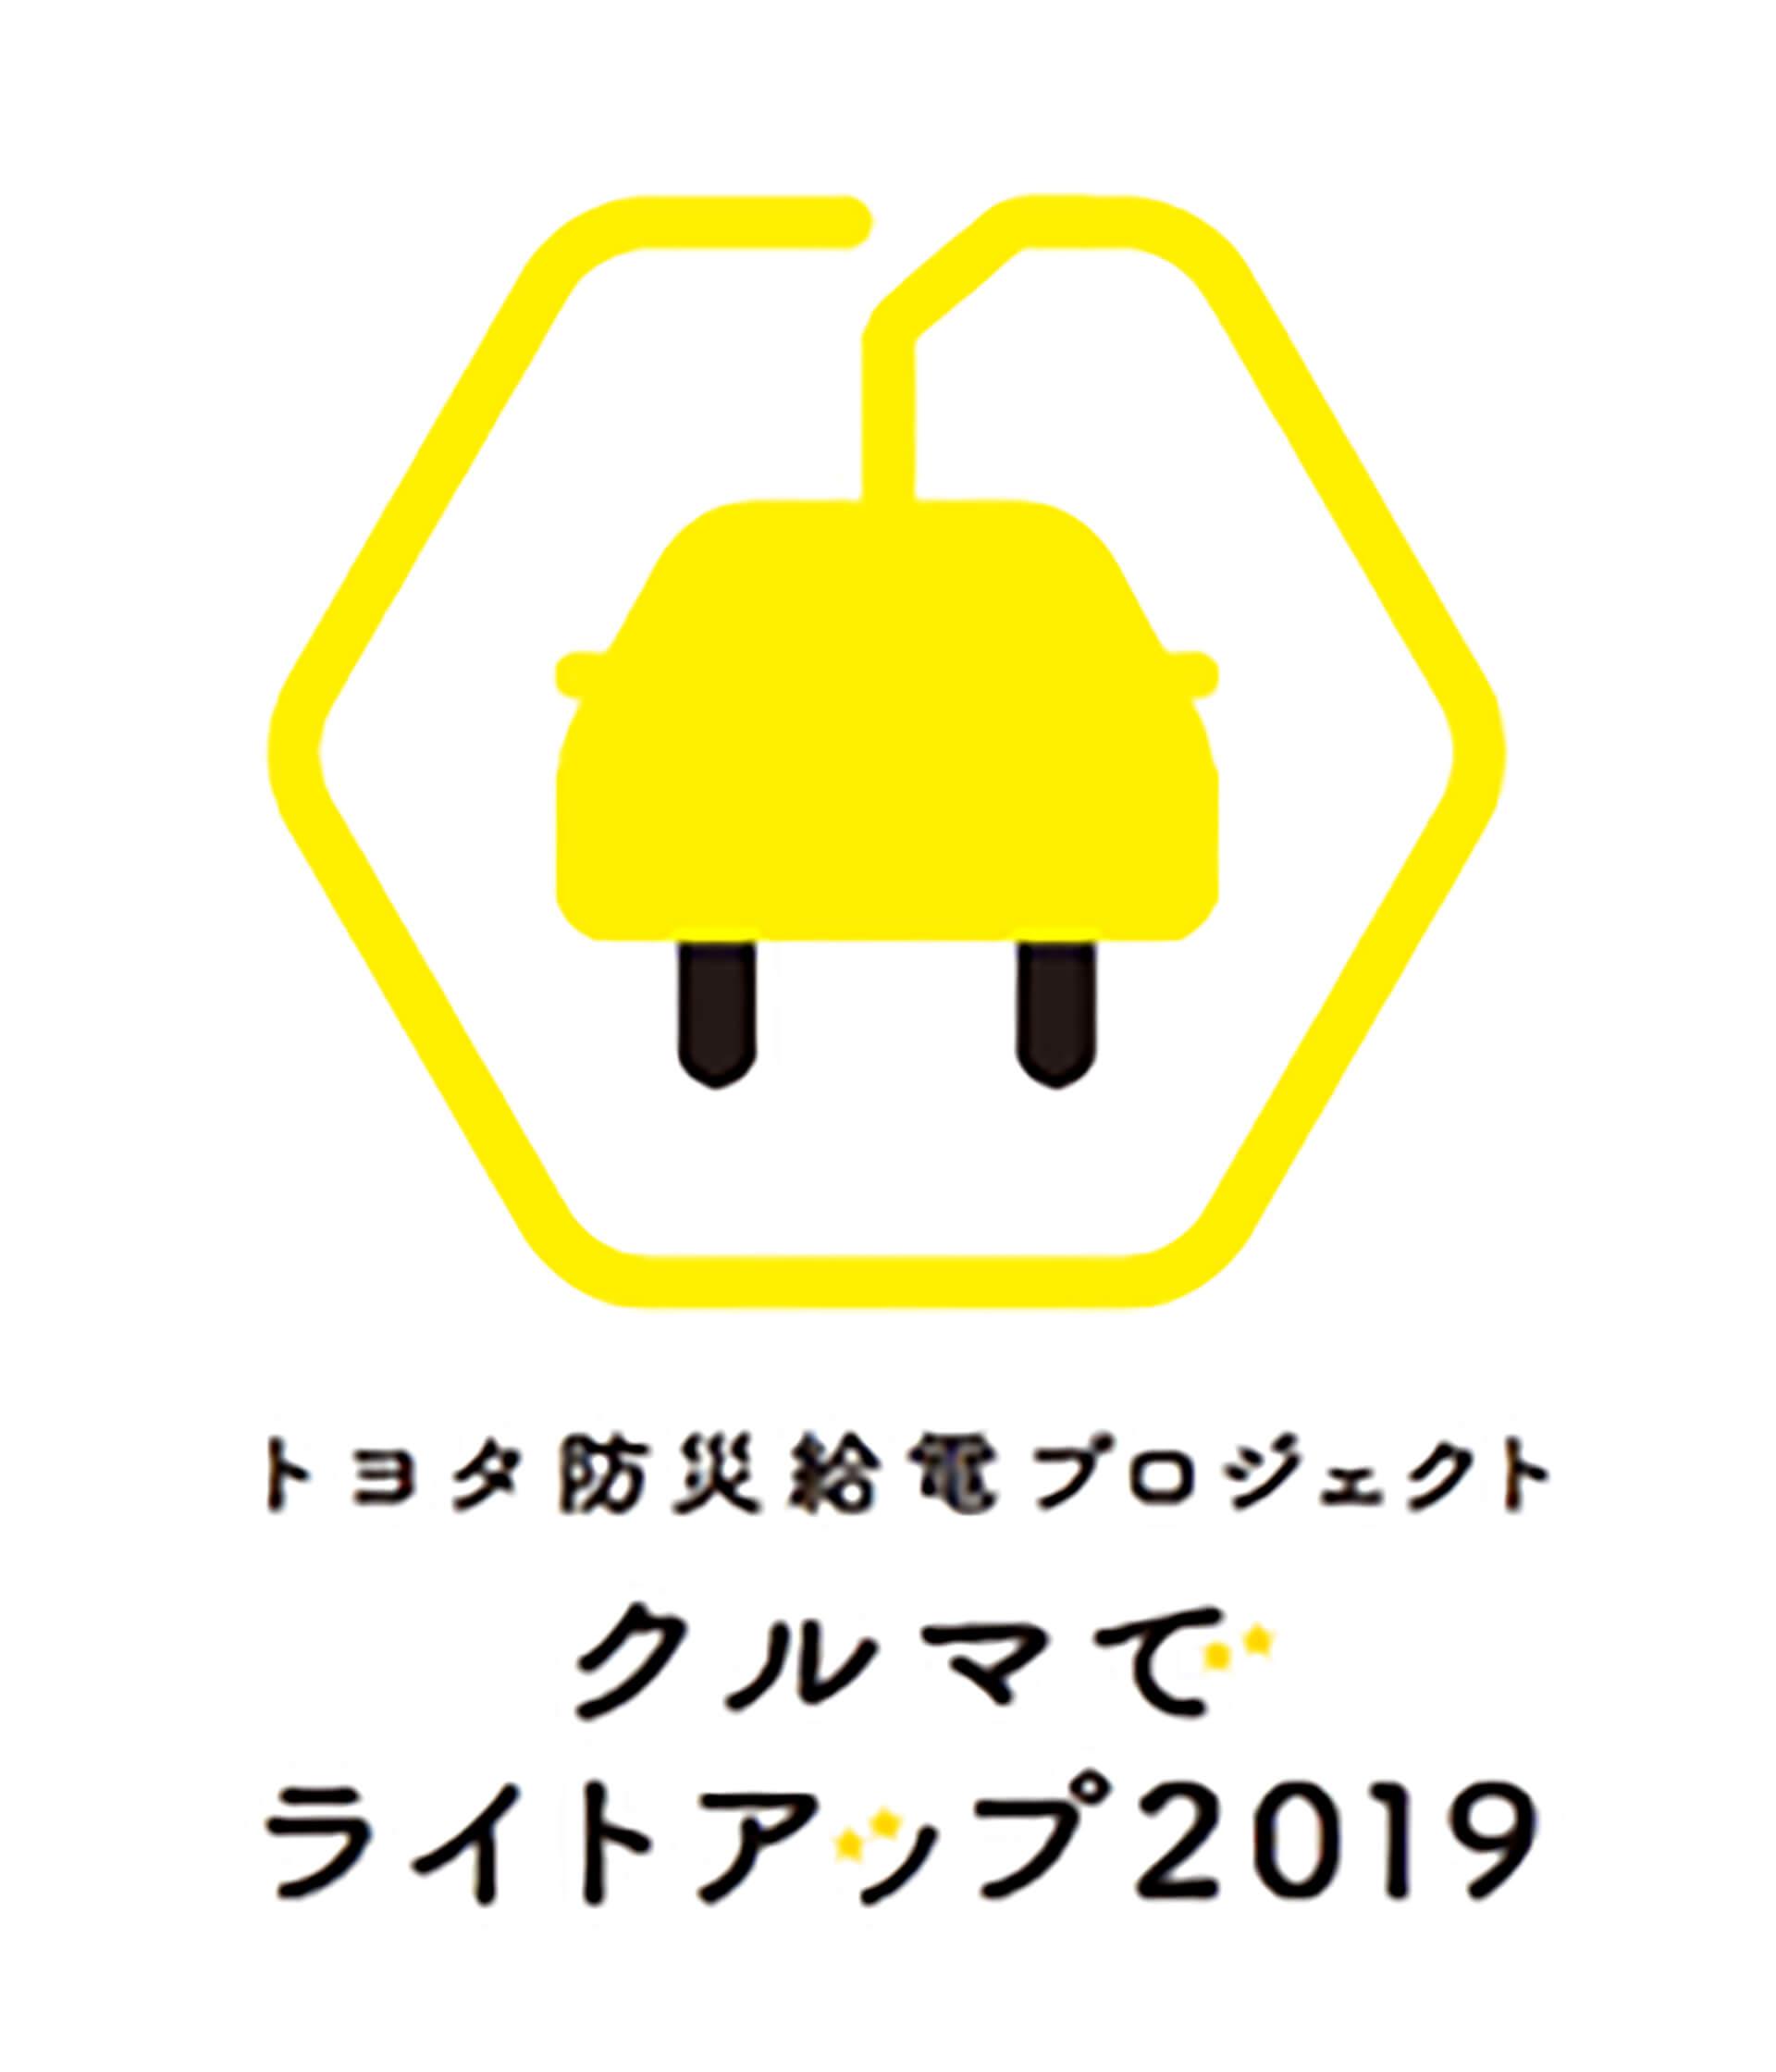 クルマでライトアップ2019ロゴ